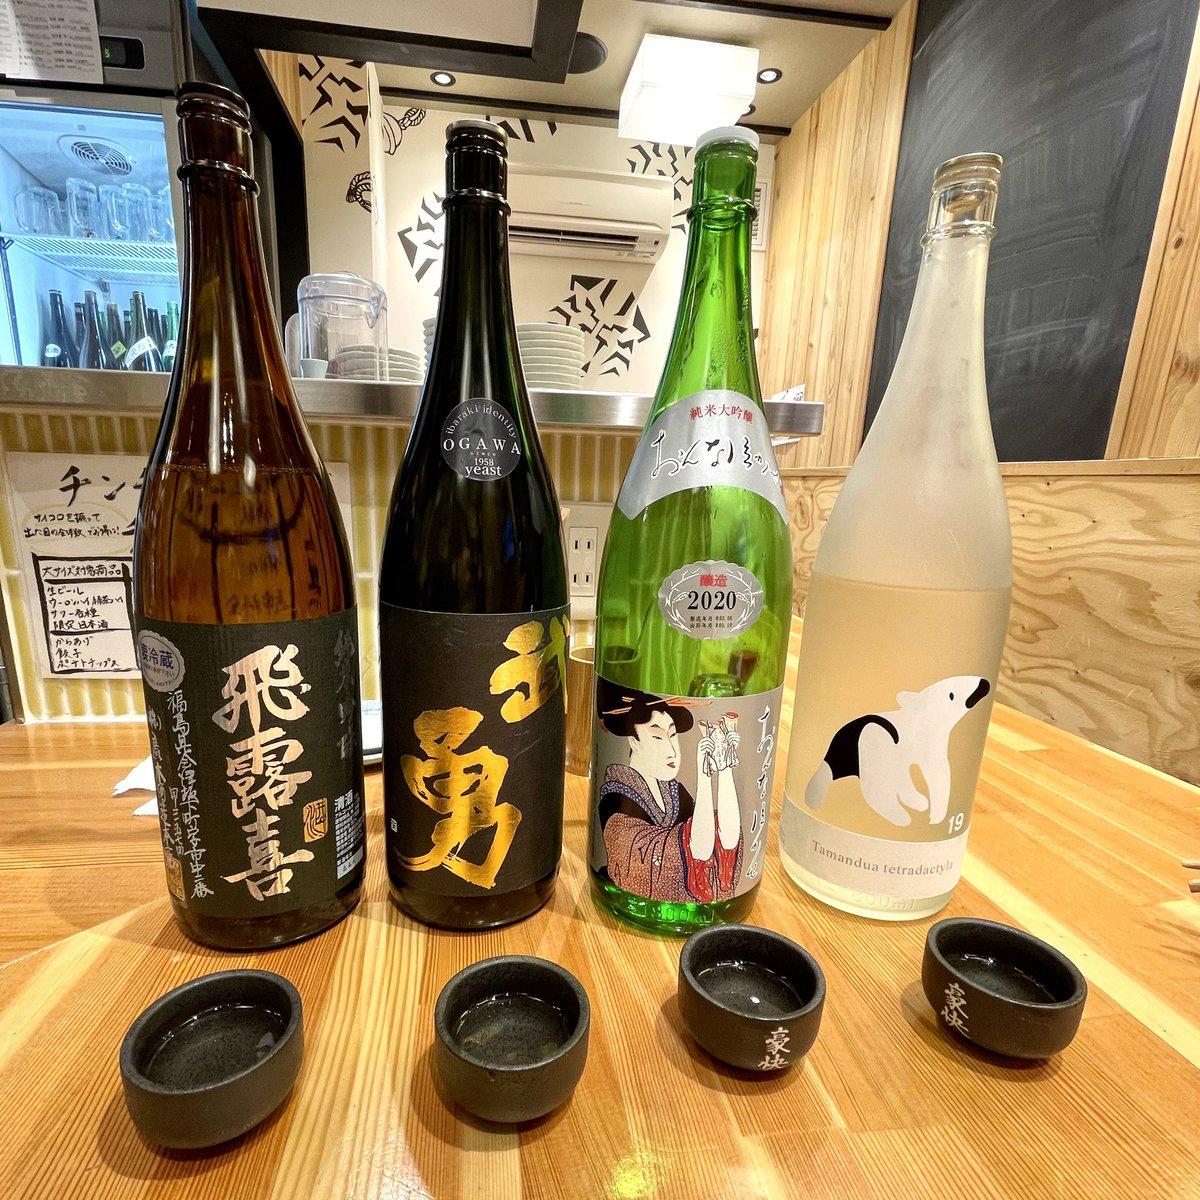 test ツイッターメディア - 少し前にお邪魔した【浅草・寅鈴】は日本酒好きにはたまらないお店。 40種類以上あった気がします😳 4種飲み比べセットはお猪口1杯×4で¥800だからちょっと浅草価格かな〜。 カウンターが広くて、おひとりさまも使い勝手◎ 私は飛露喜推しです✨ #浅草グルメ #グルメ #日本酒 https://t.co/CrRdO87mze